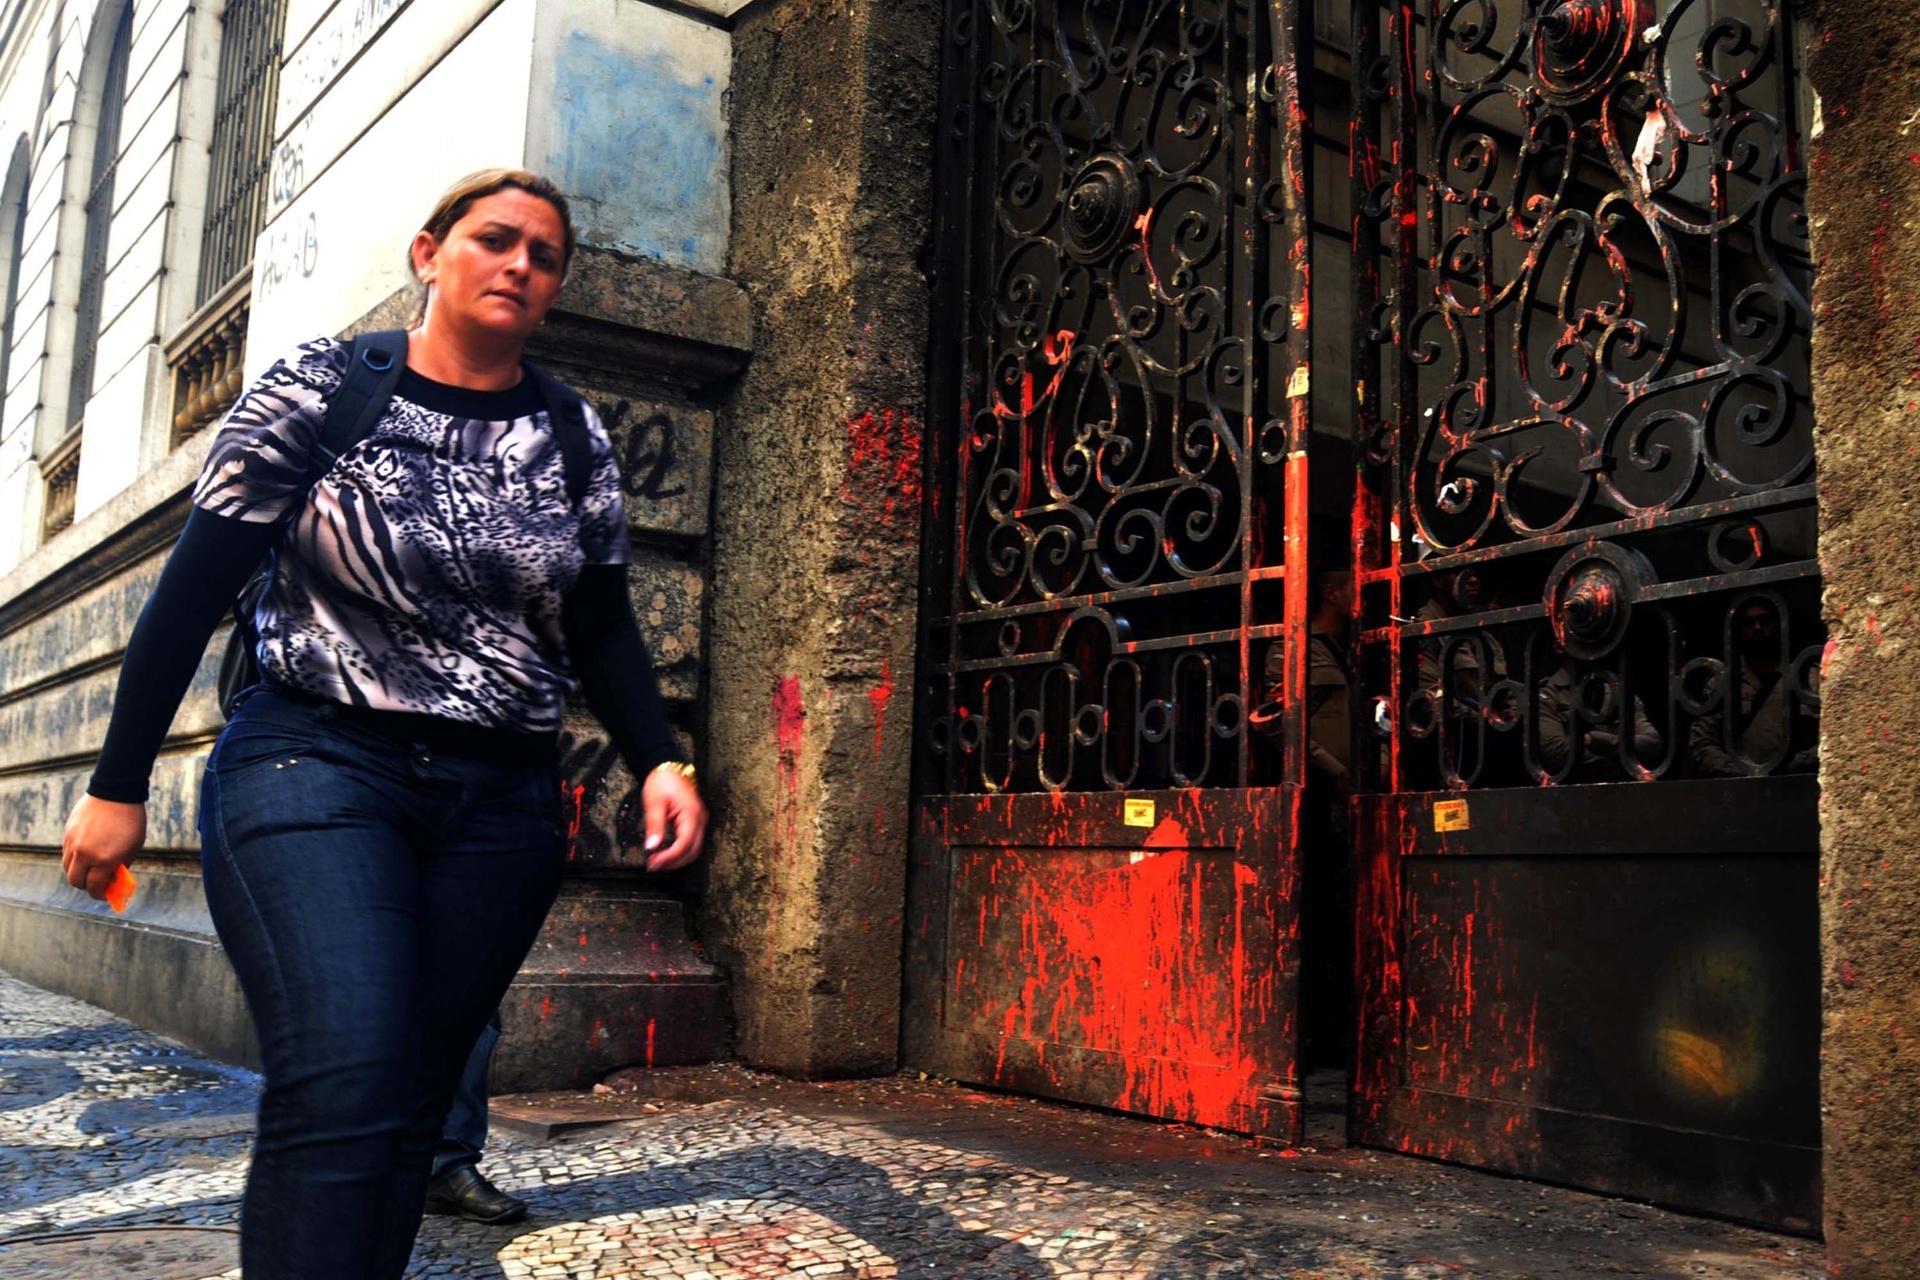 8.out.2013 - Porta lateral da Câmara de Vereadores do Rio de Janeiro fica depredada após manifestantes a incendiarem com bombas caseiras durante protesto em apoio a professores em greve na noite de segunda-feira (7) na Cinelândia, zona central da cidade